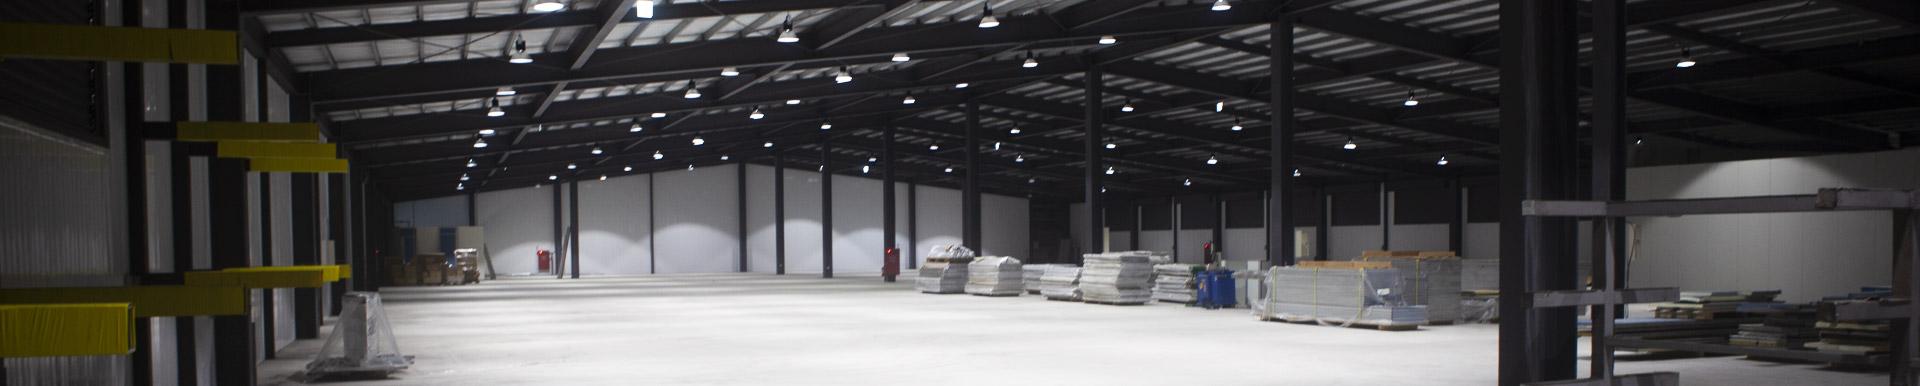 庫板- 可立穩科技股份有限公司- 無塵室、工廠隔間、防火隔間、廠房隔間